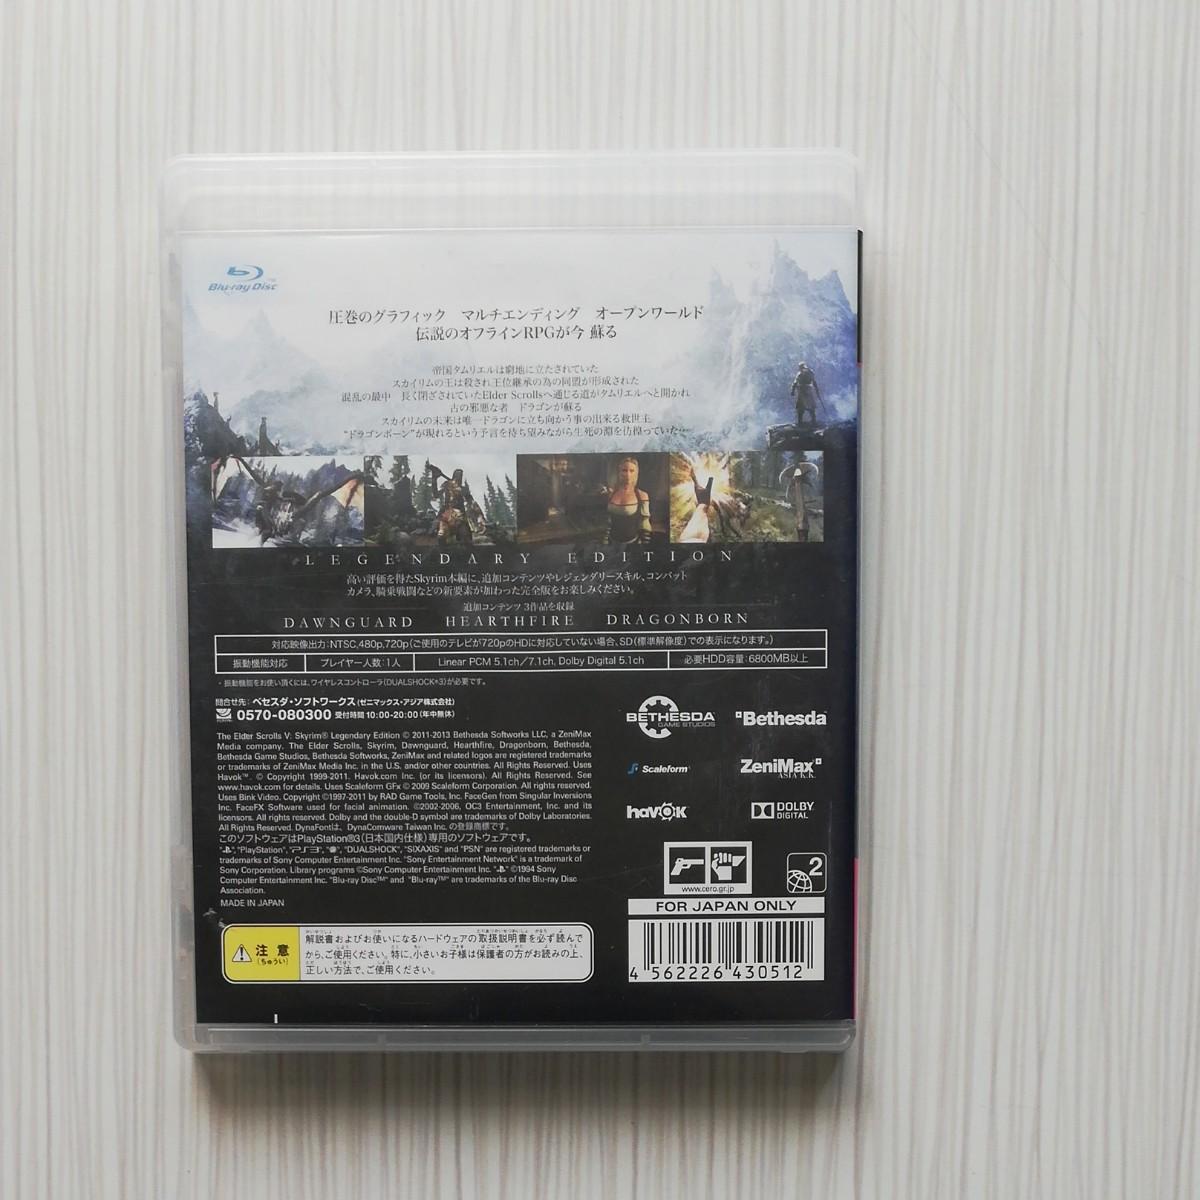 PS3  スカイリム レジェンダリー  エディション